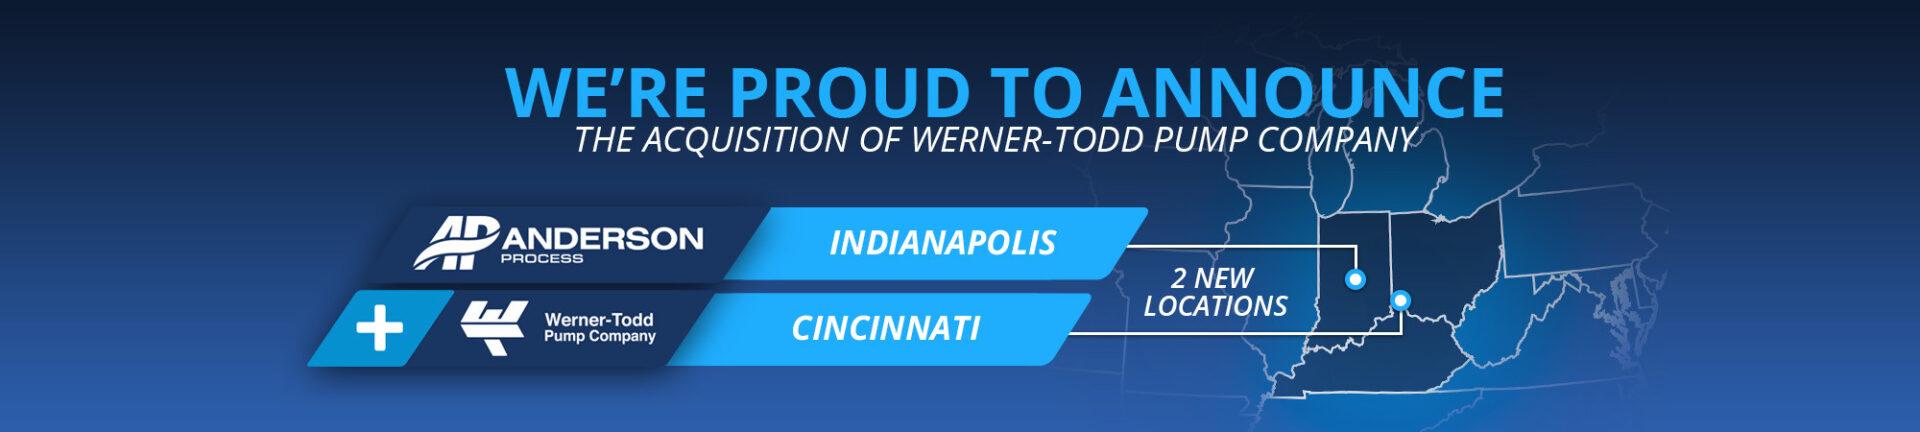 Anderson Process acquires Werner-Todd Pump Company